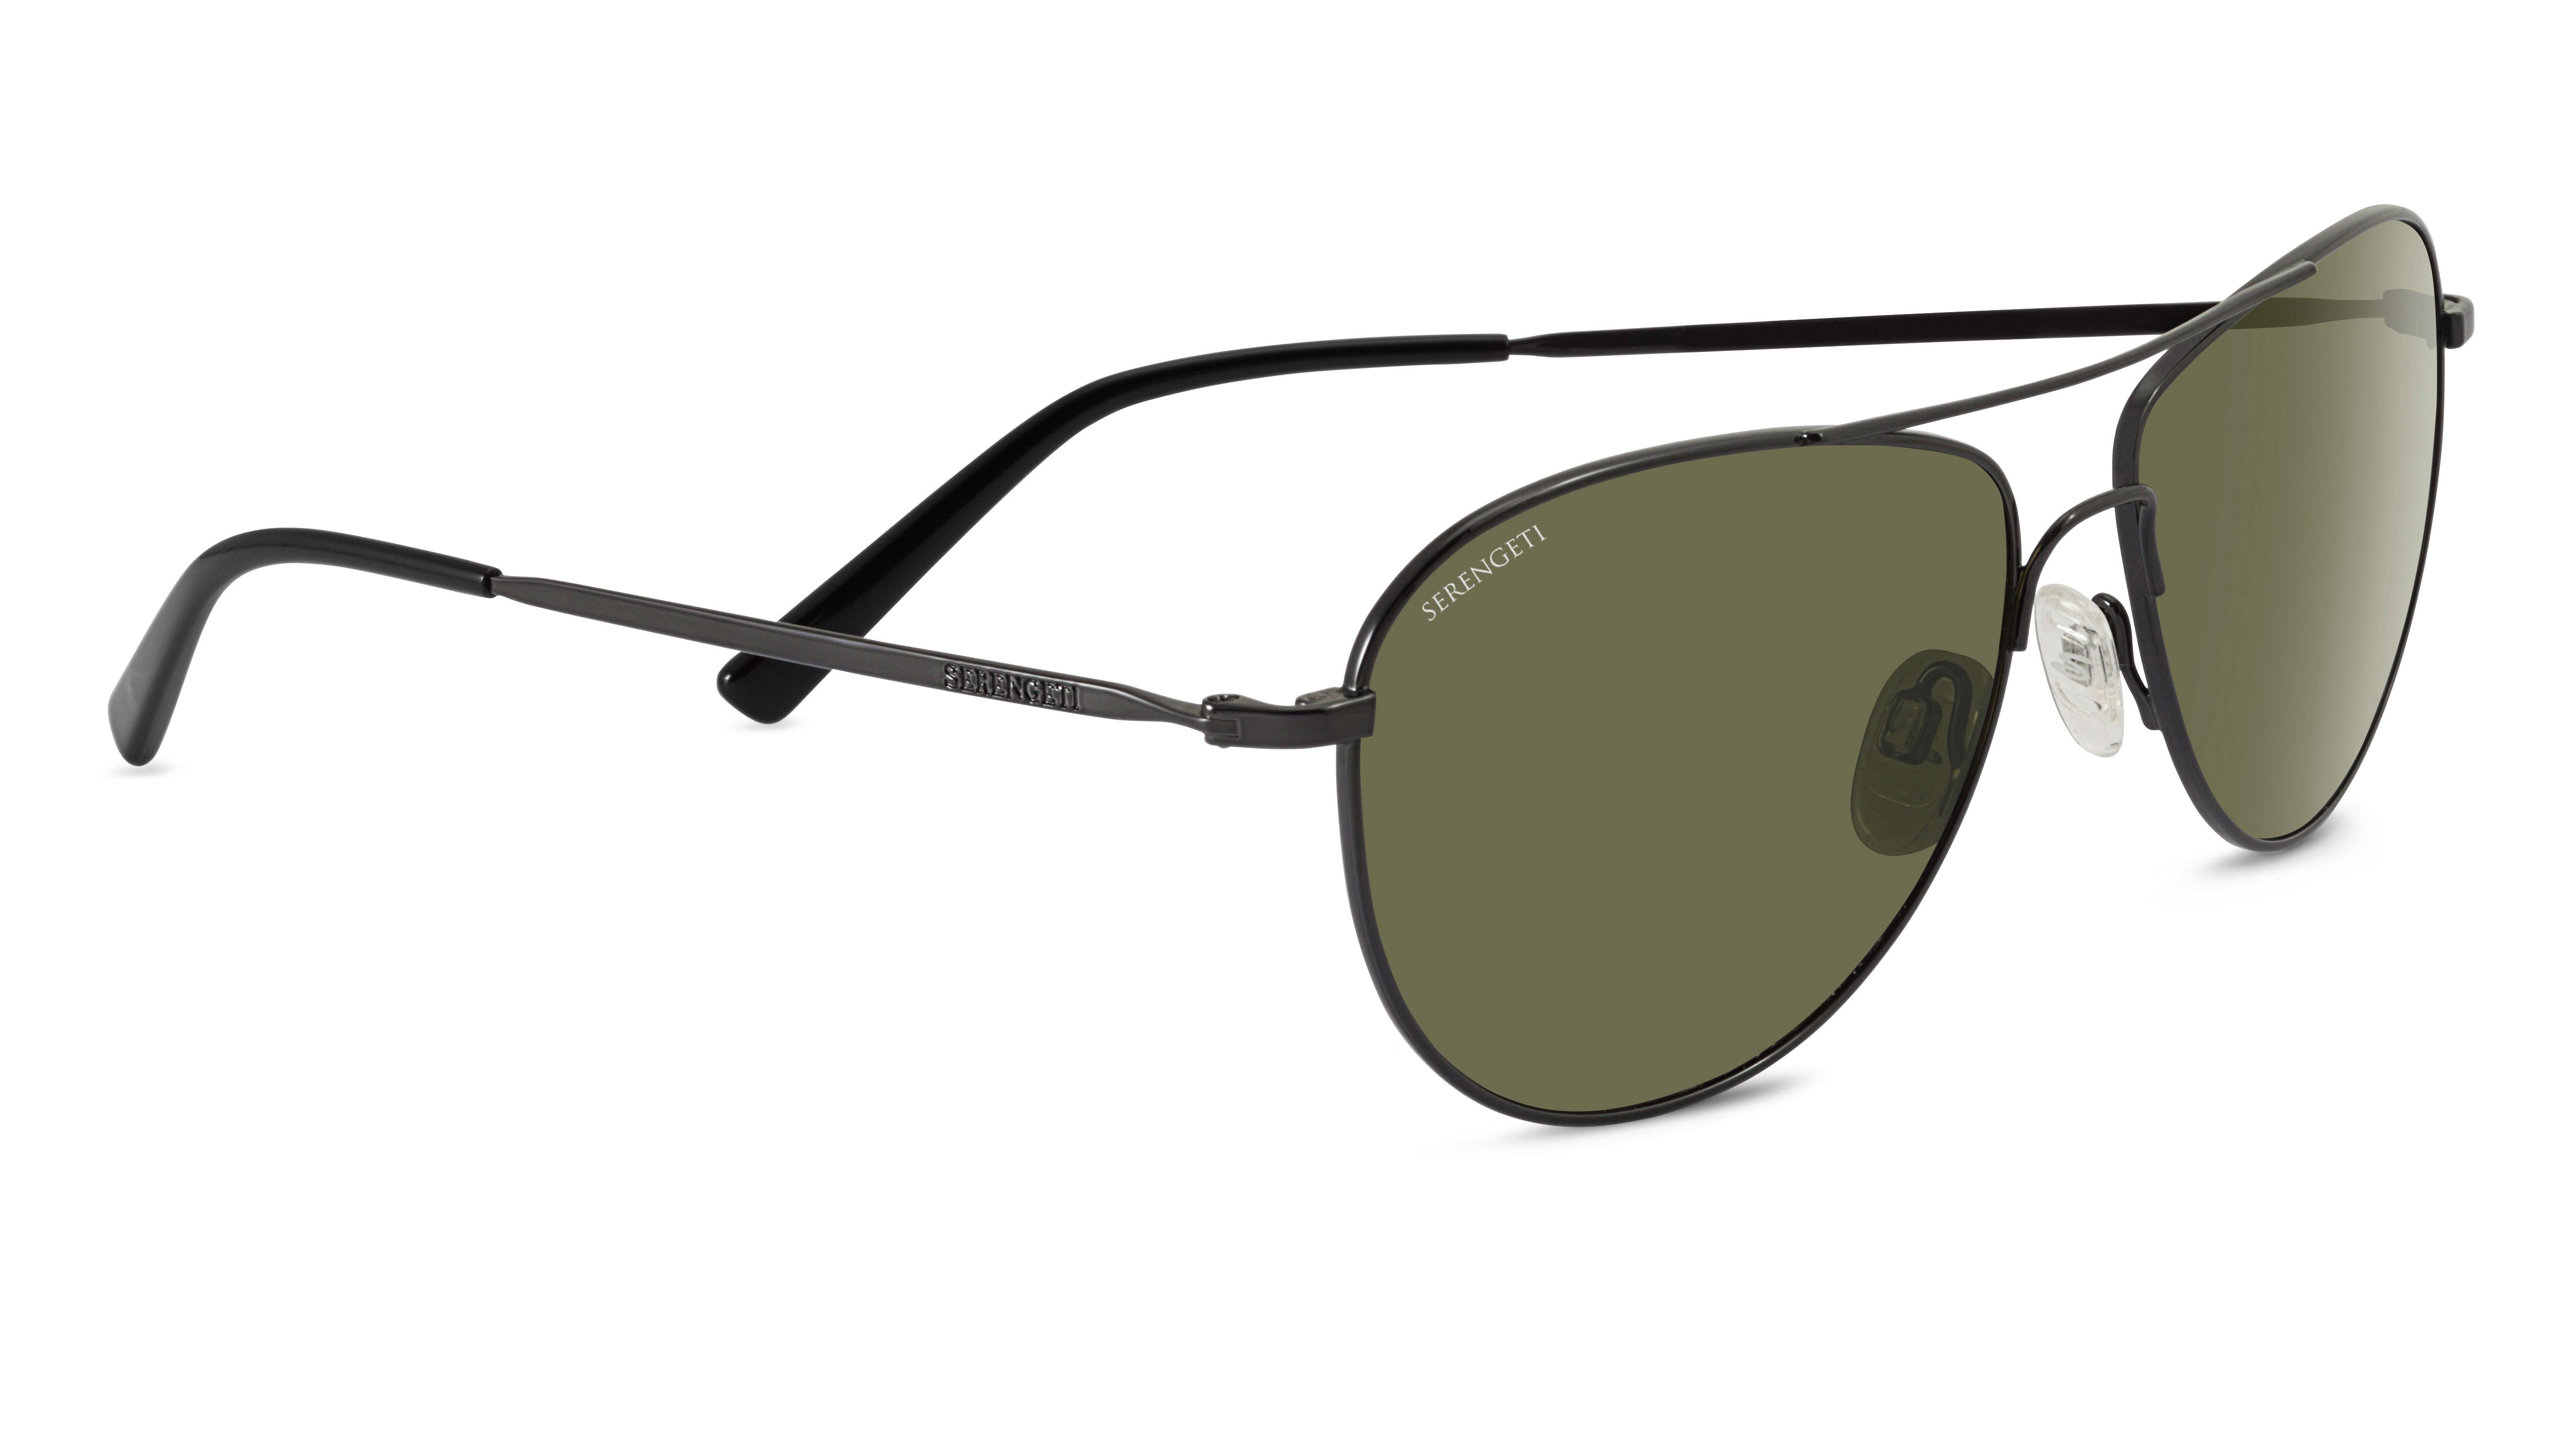 6d88831e989a Serengeti Alghero Progressive Prescription Sunglasses | w/ Free Shipping  and Handling